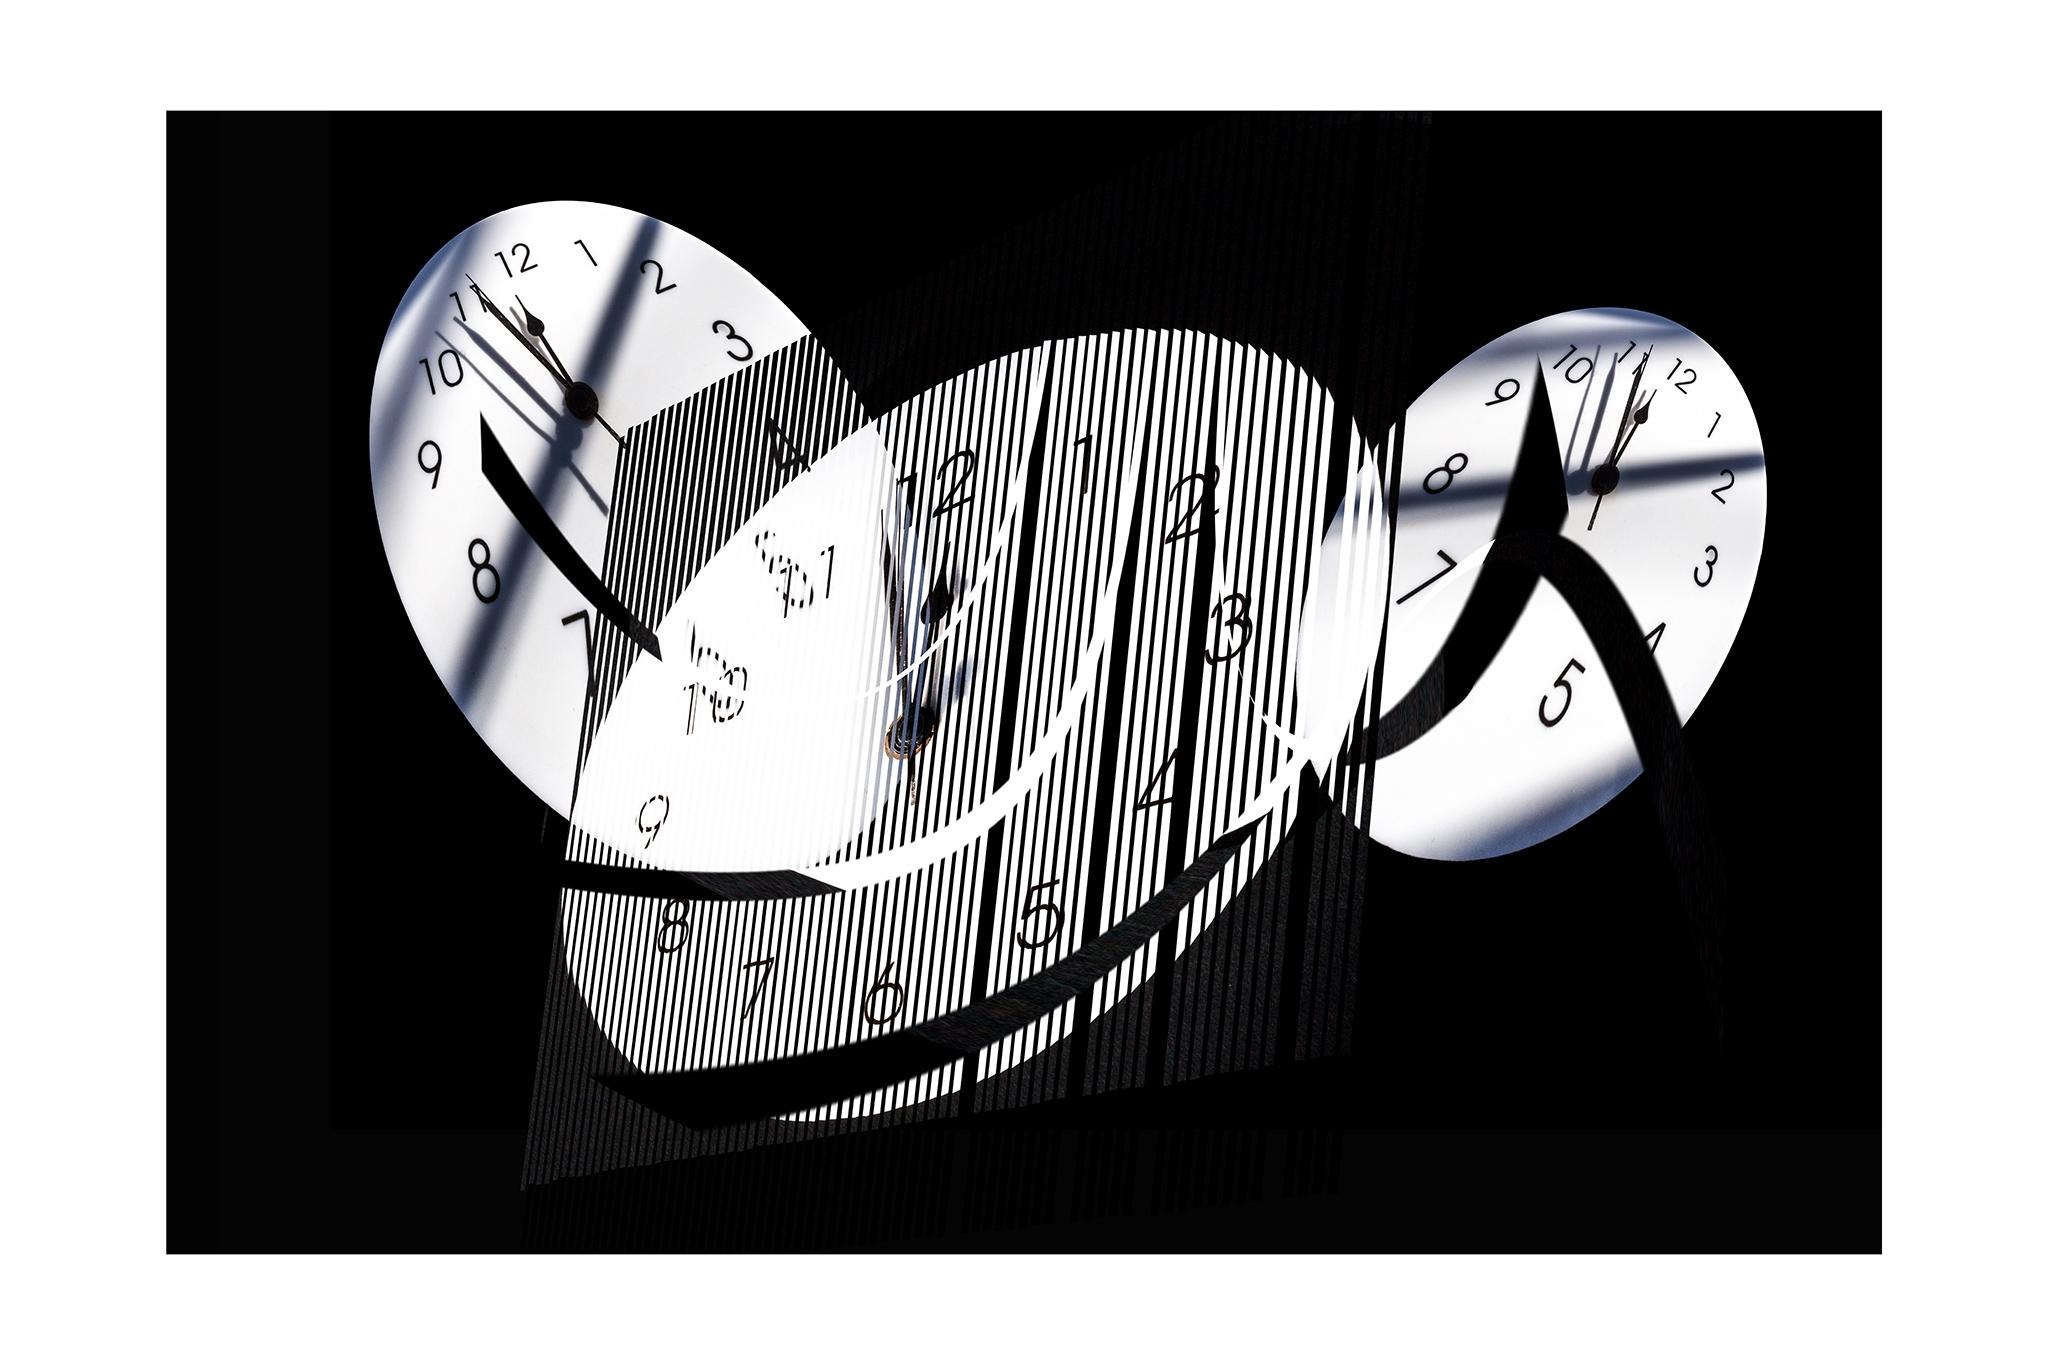 Kunstprojekt, 3 von 60, Wilfried Malkusch